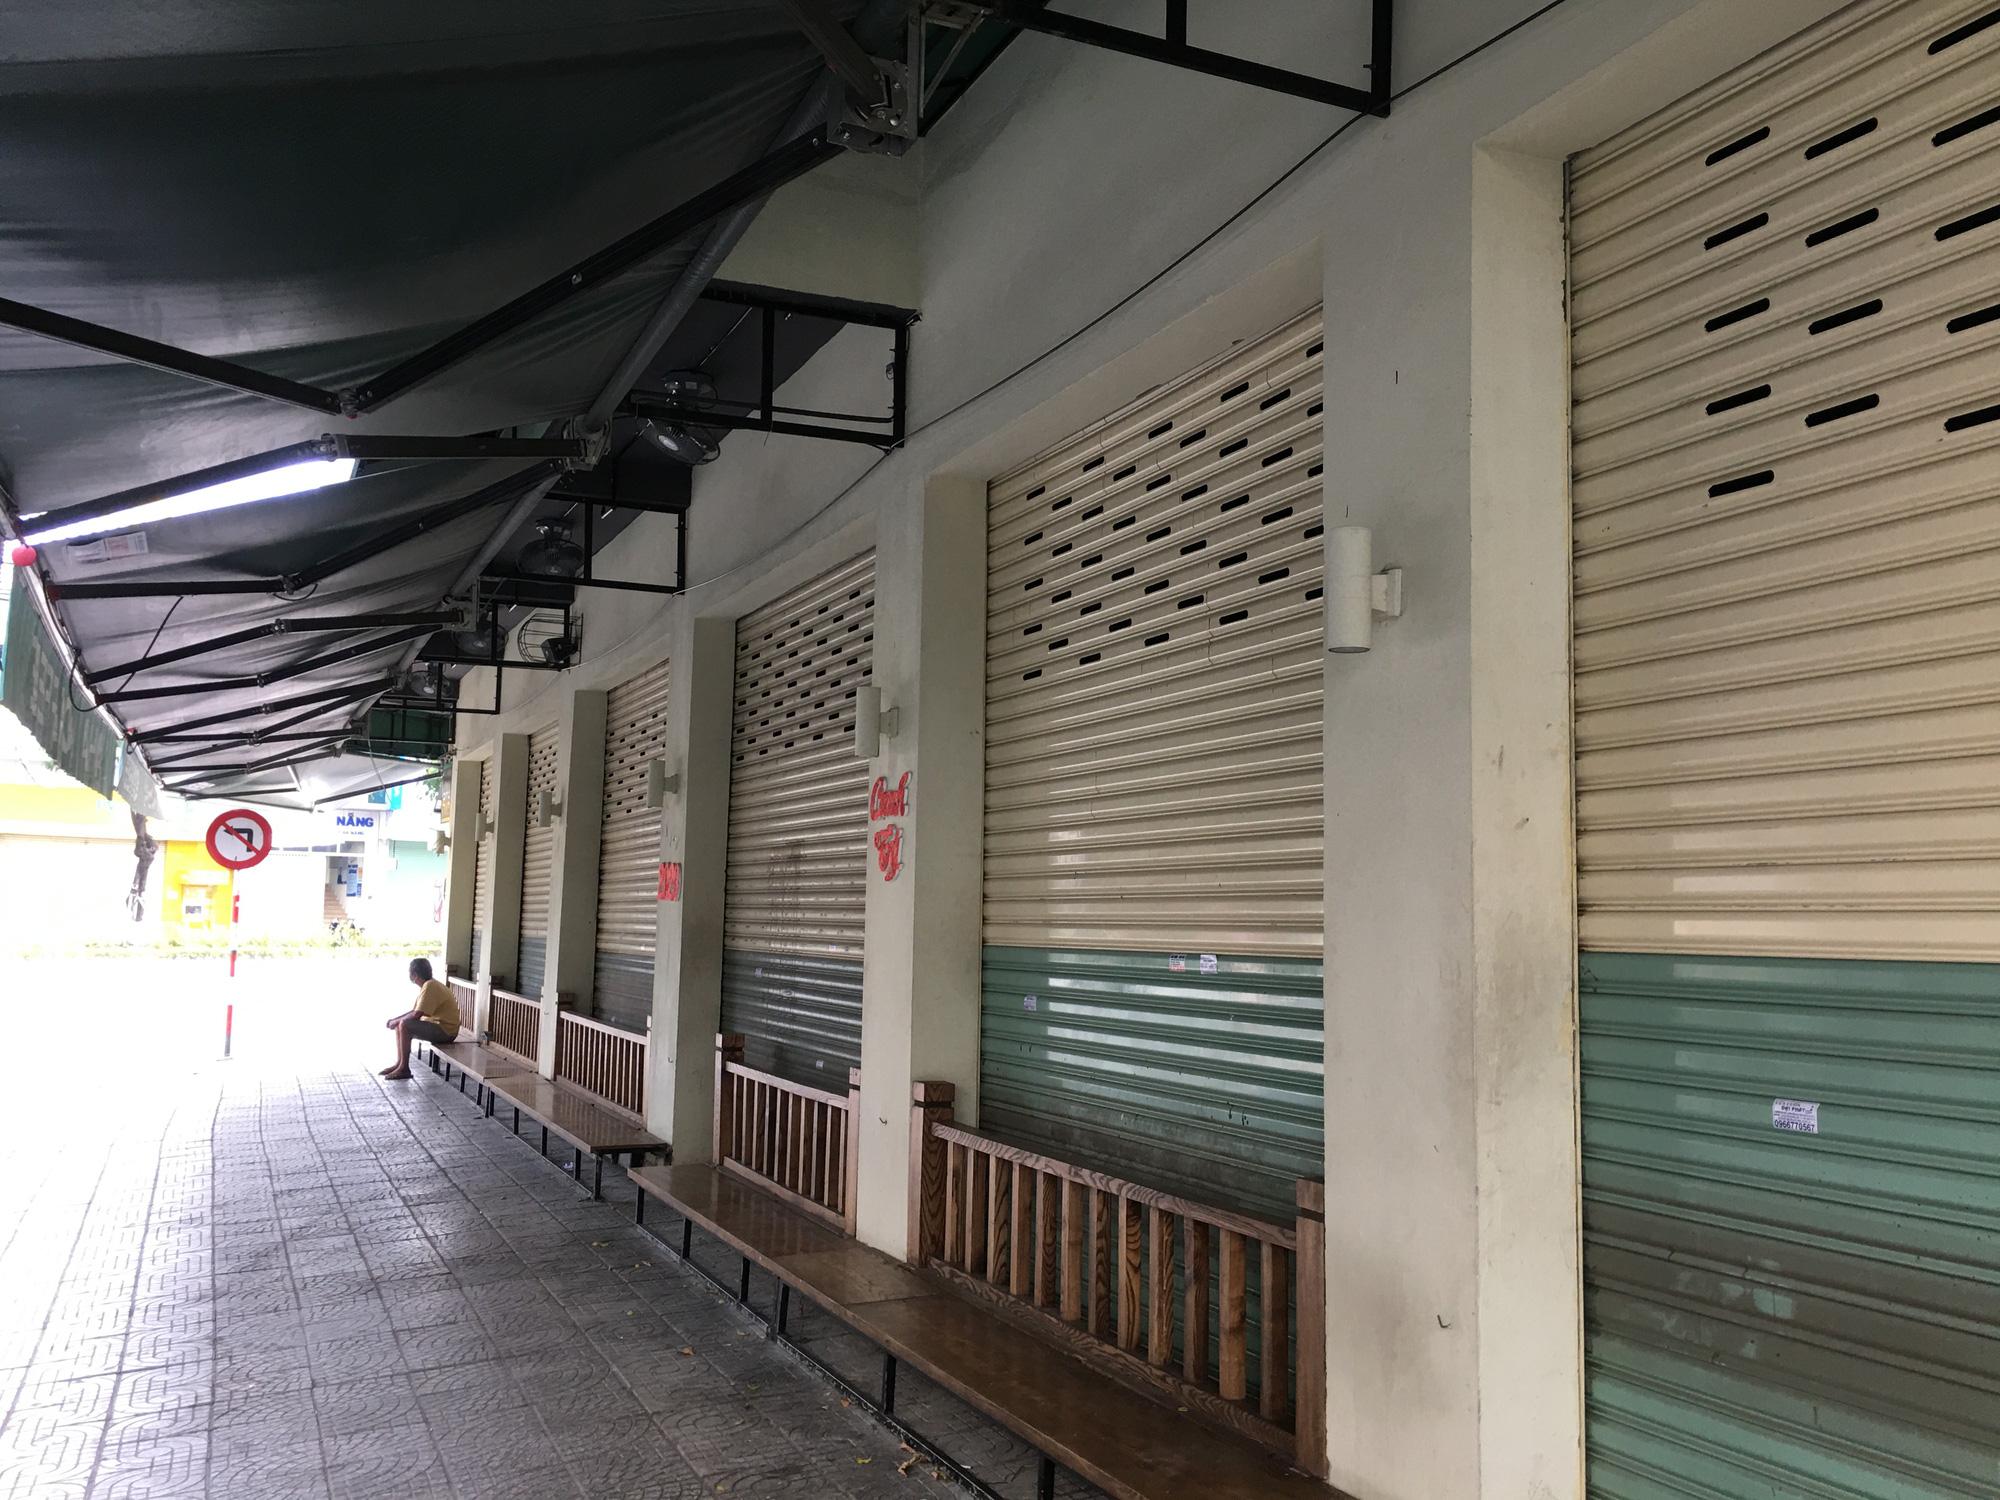 Từ quán cà phê, bánh ngọt đến trà sữa ở Đà Nẵng dừng luôn việc bán online, mang đi khi chính quyền cấm - Ảnh 9.